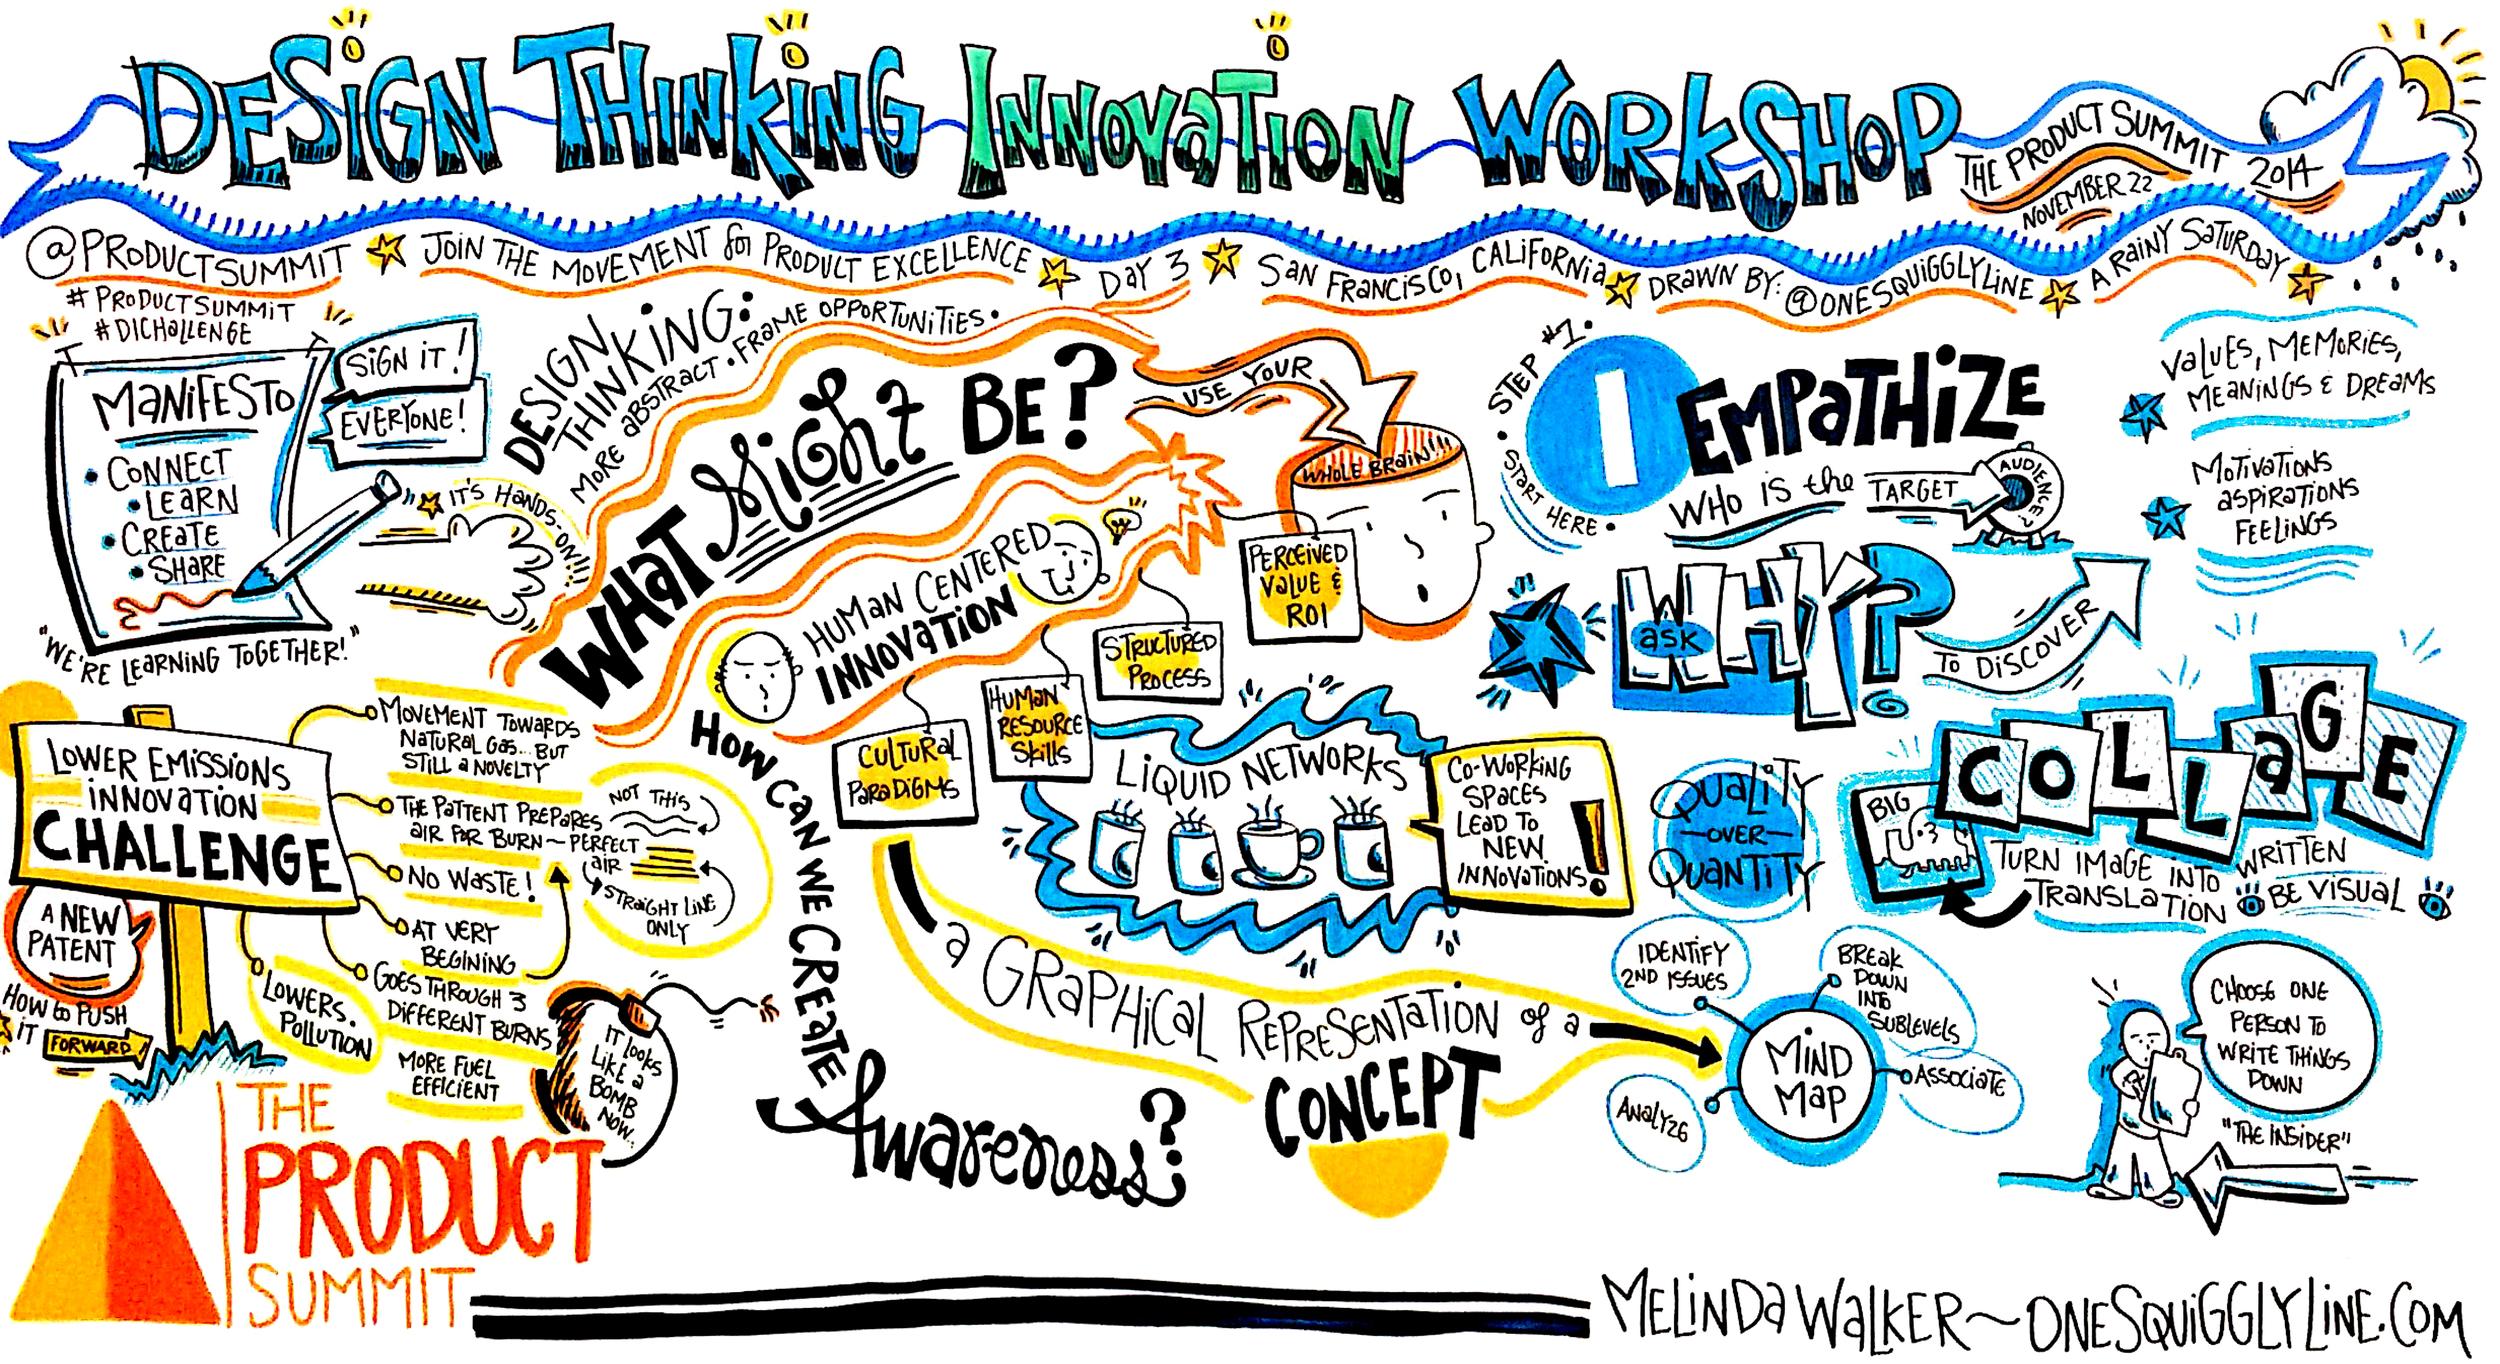 The ProductSummit_DesignThinkingInnovationWorkshop_Morning_MelindaWalker_OneSquigglyLine